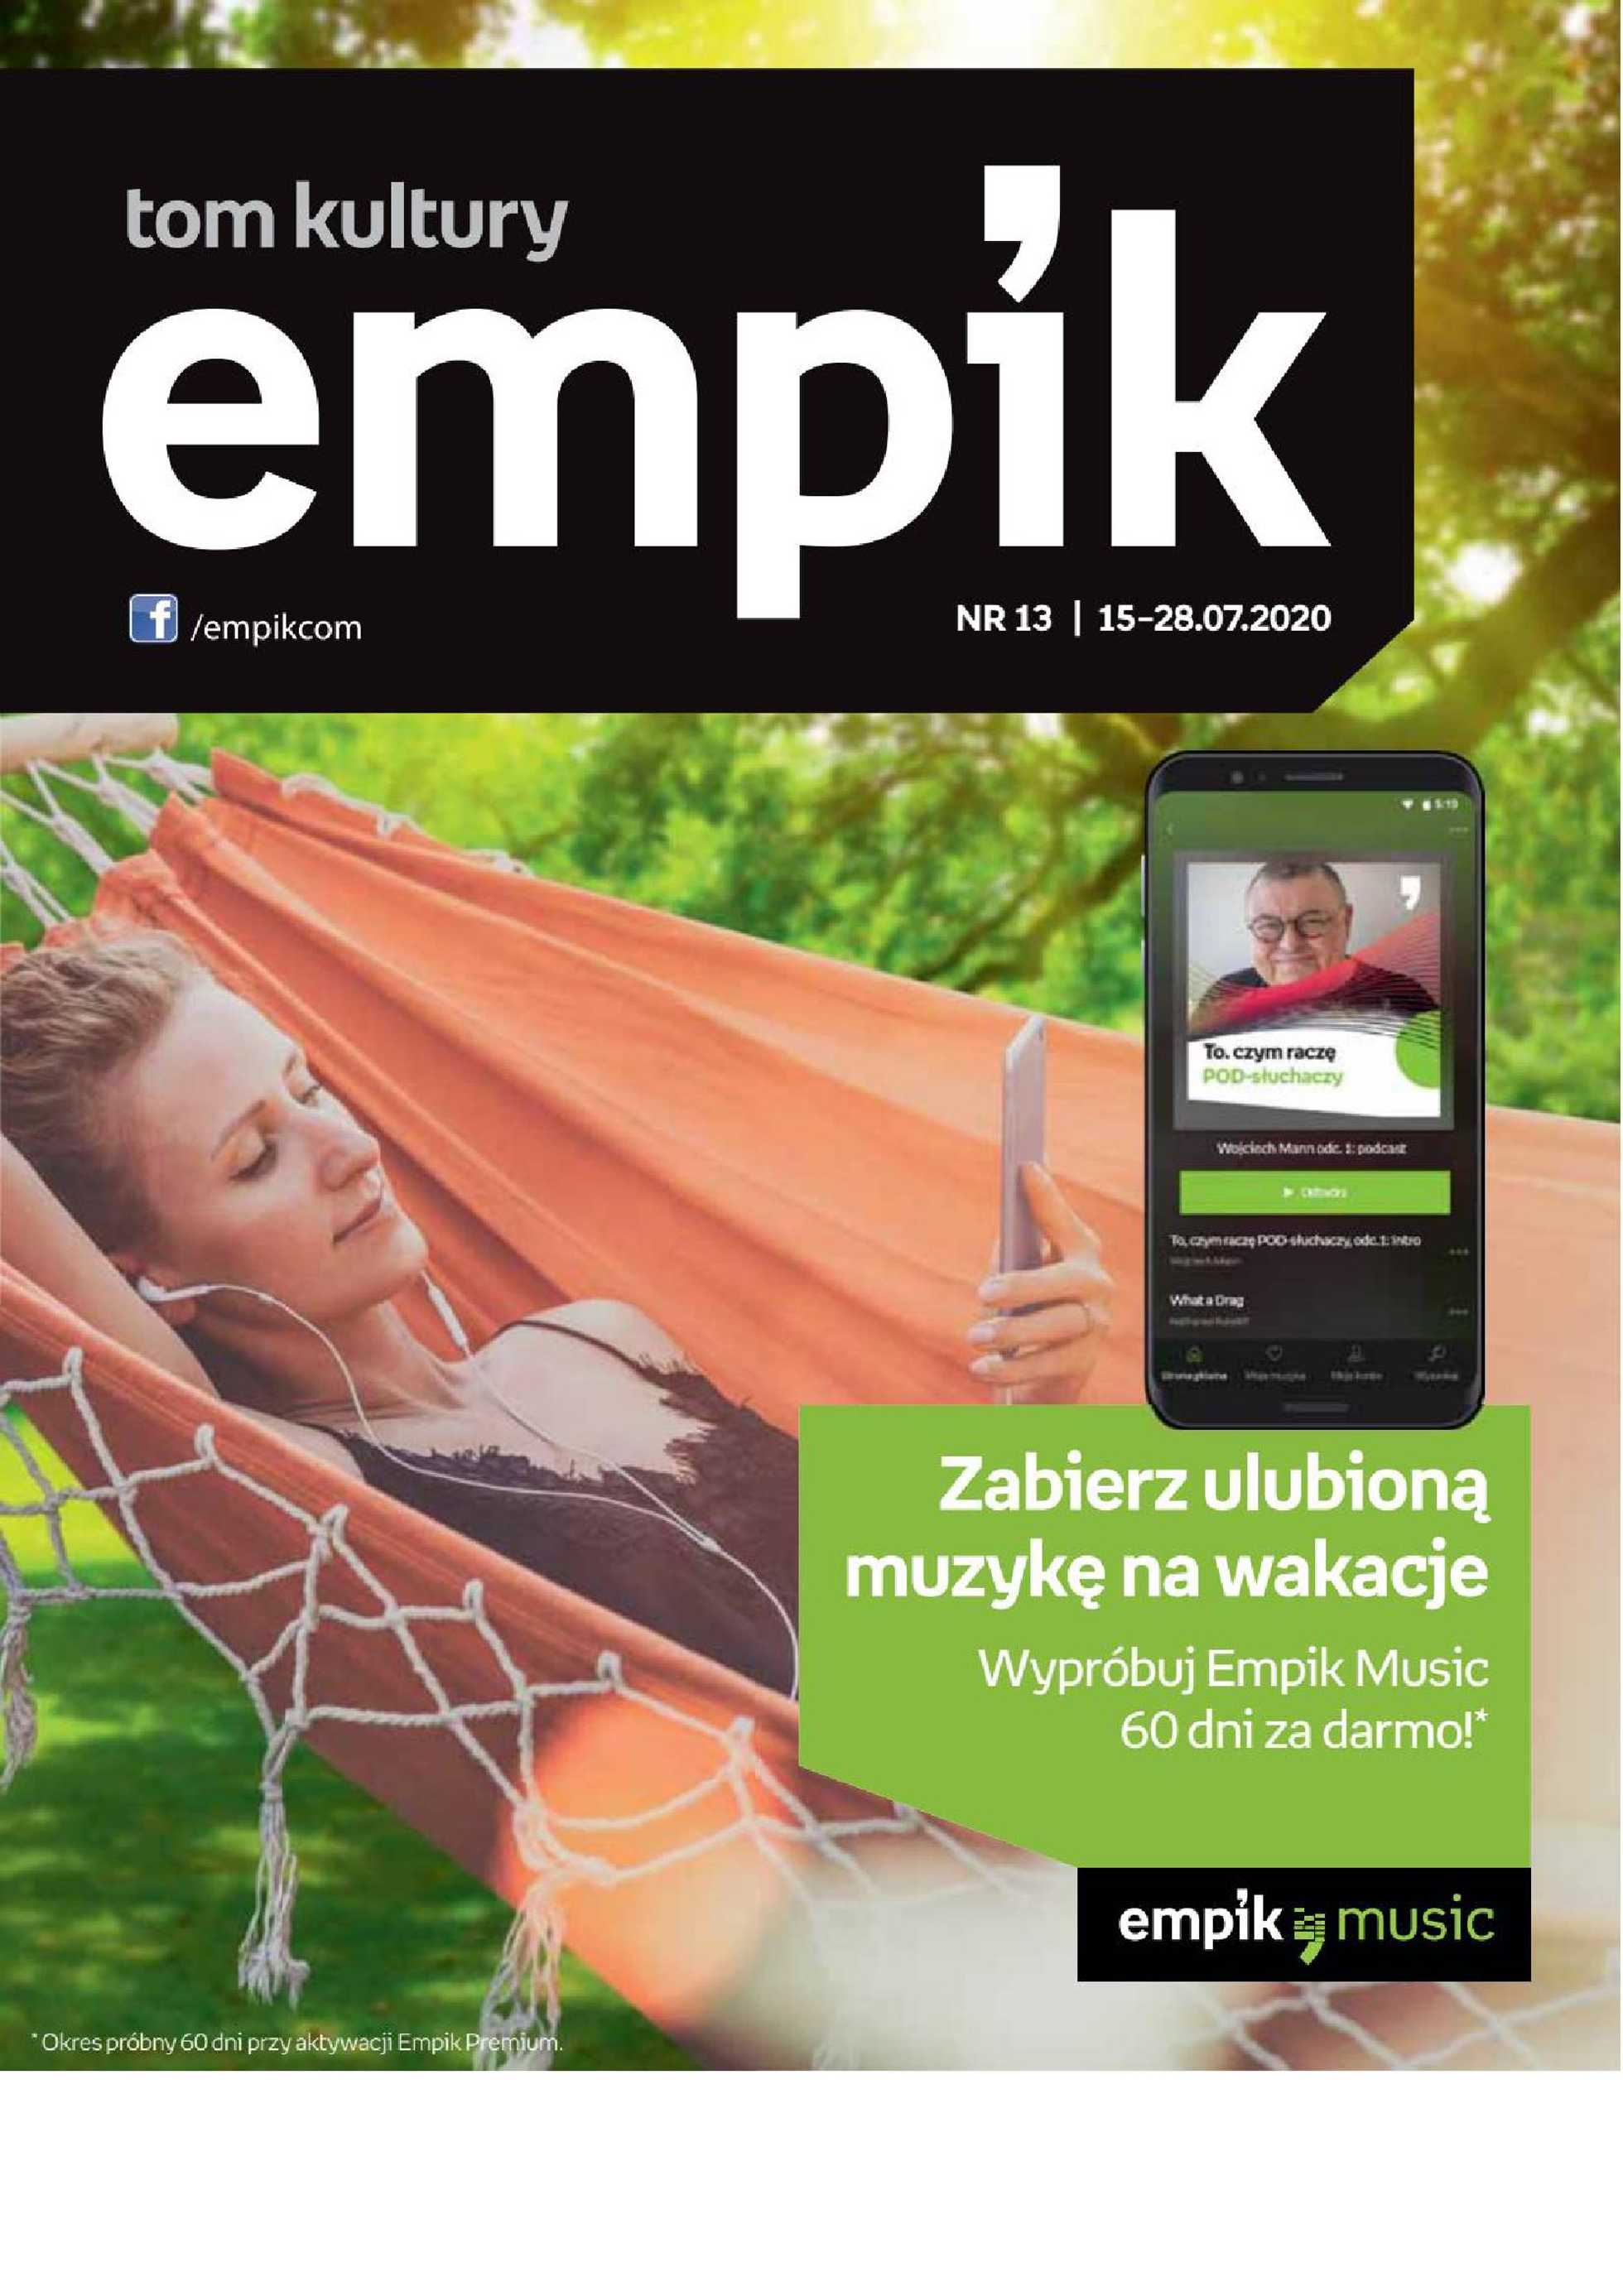 Empik - gazetka promocyjna ważna od 15.07.2020 do 28.07.2020 - strona 1.